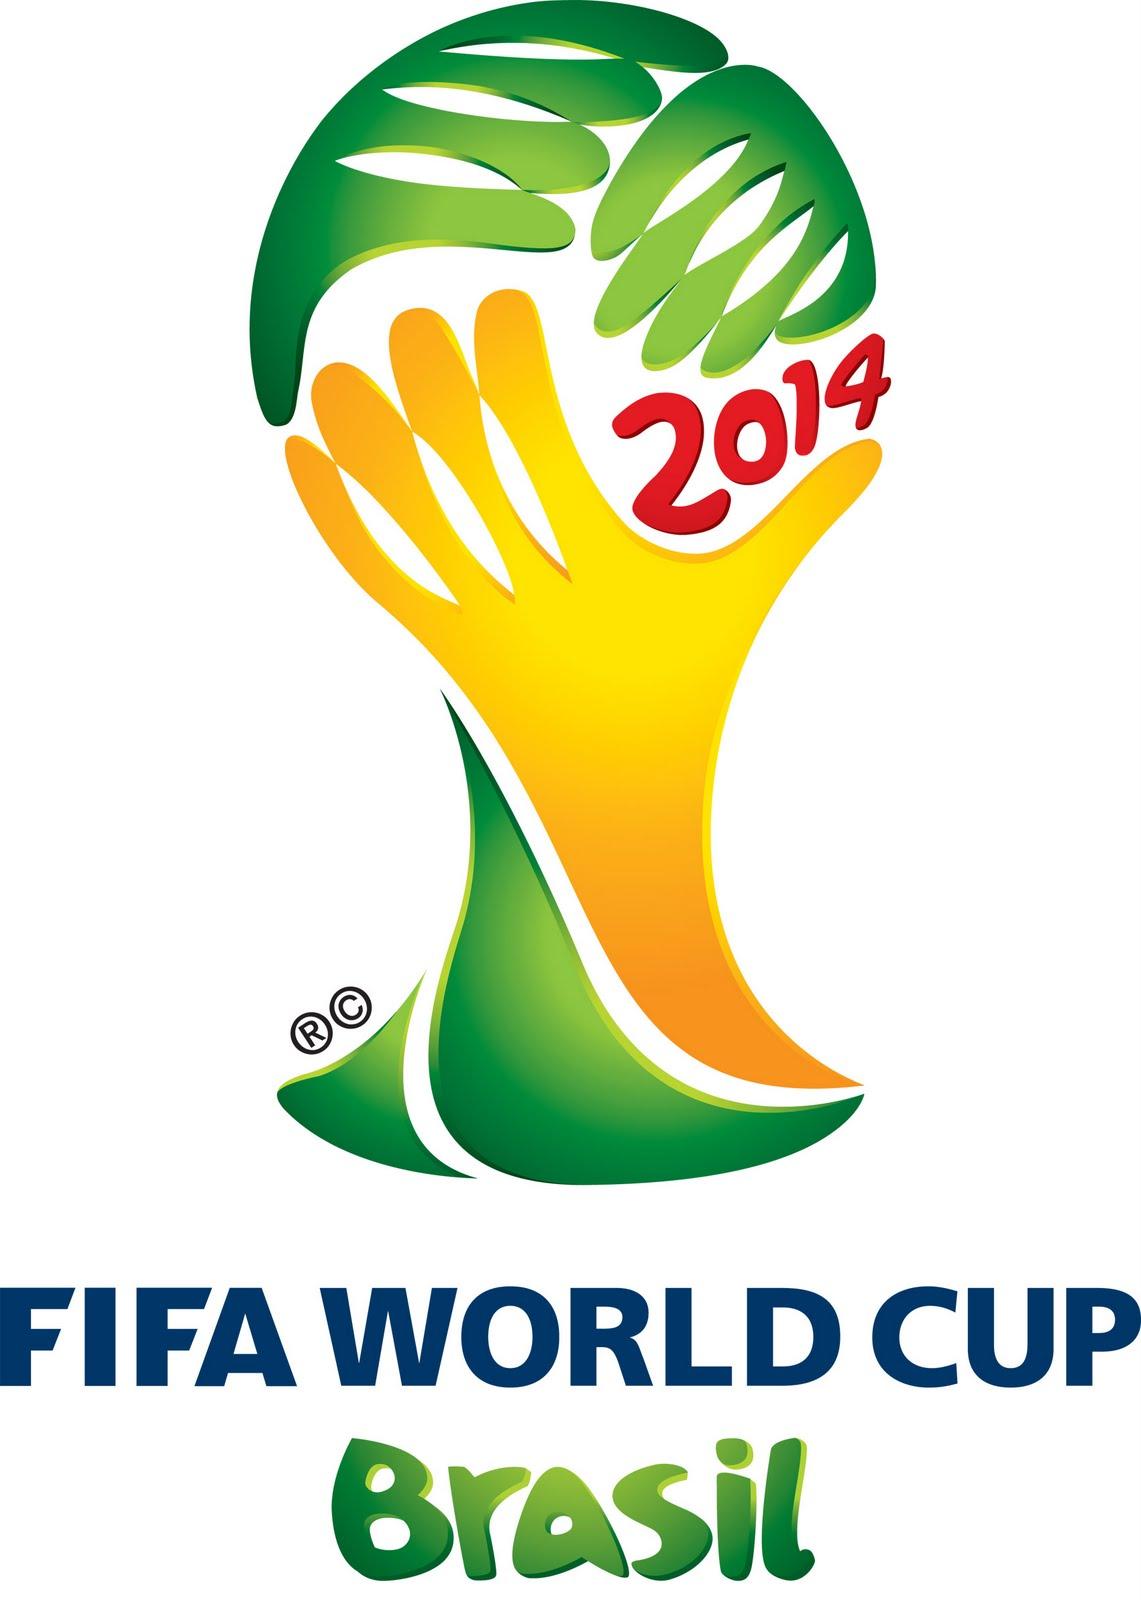 FIFA_World_Cup_Brasil_2014_logo